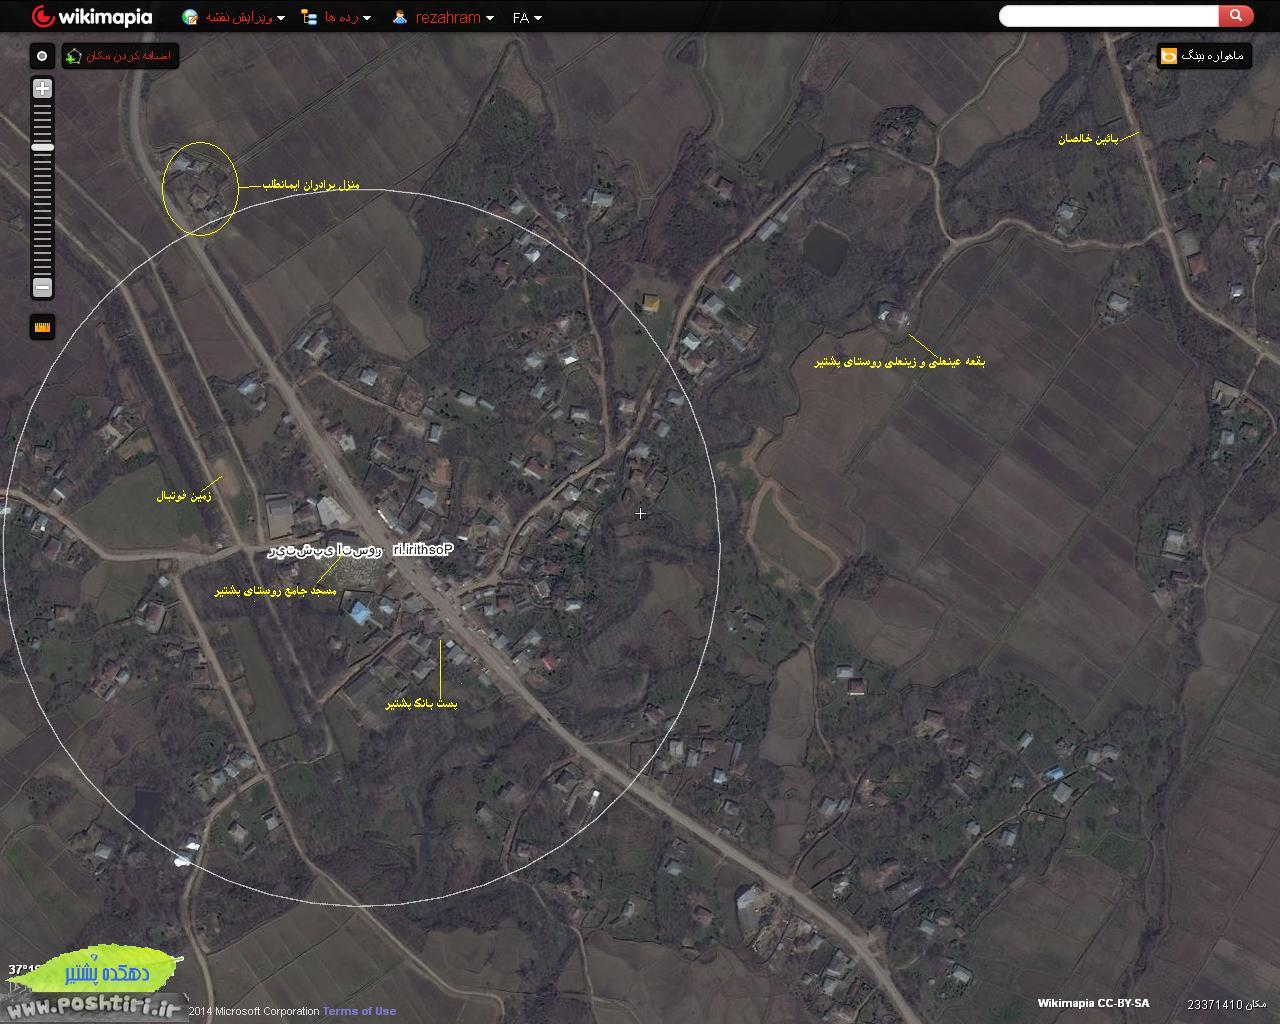 نقشه روستای پشتیر